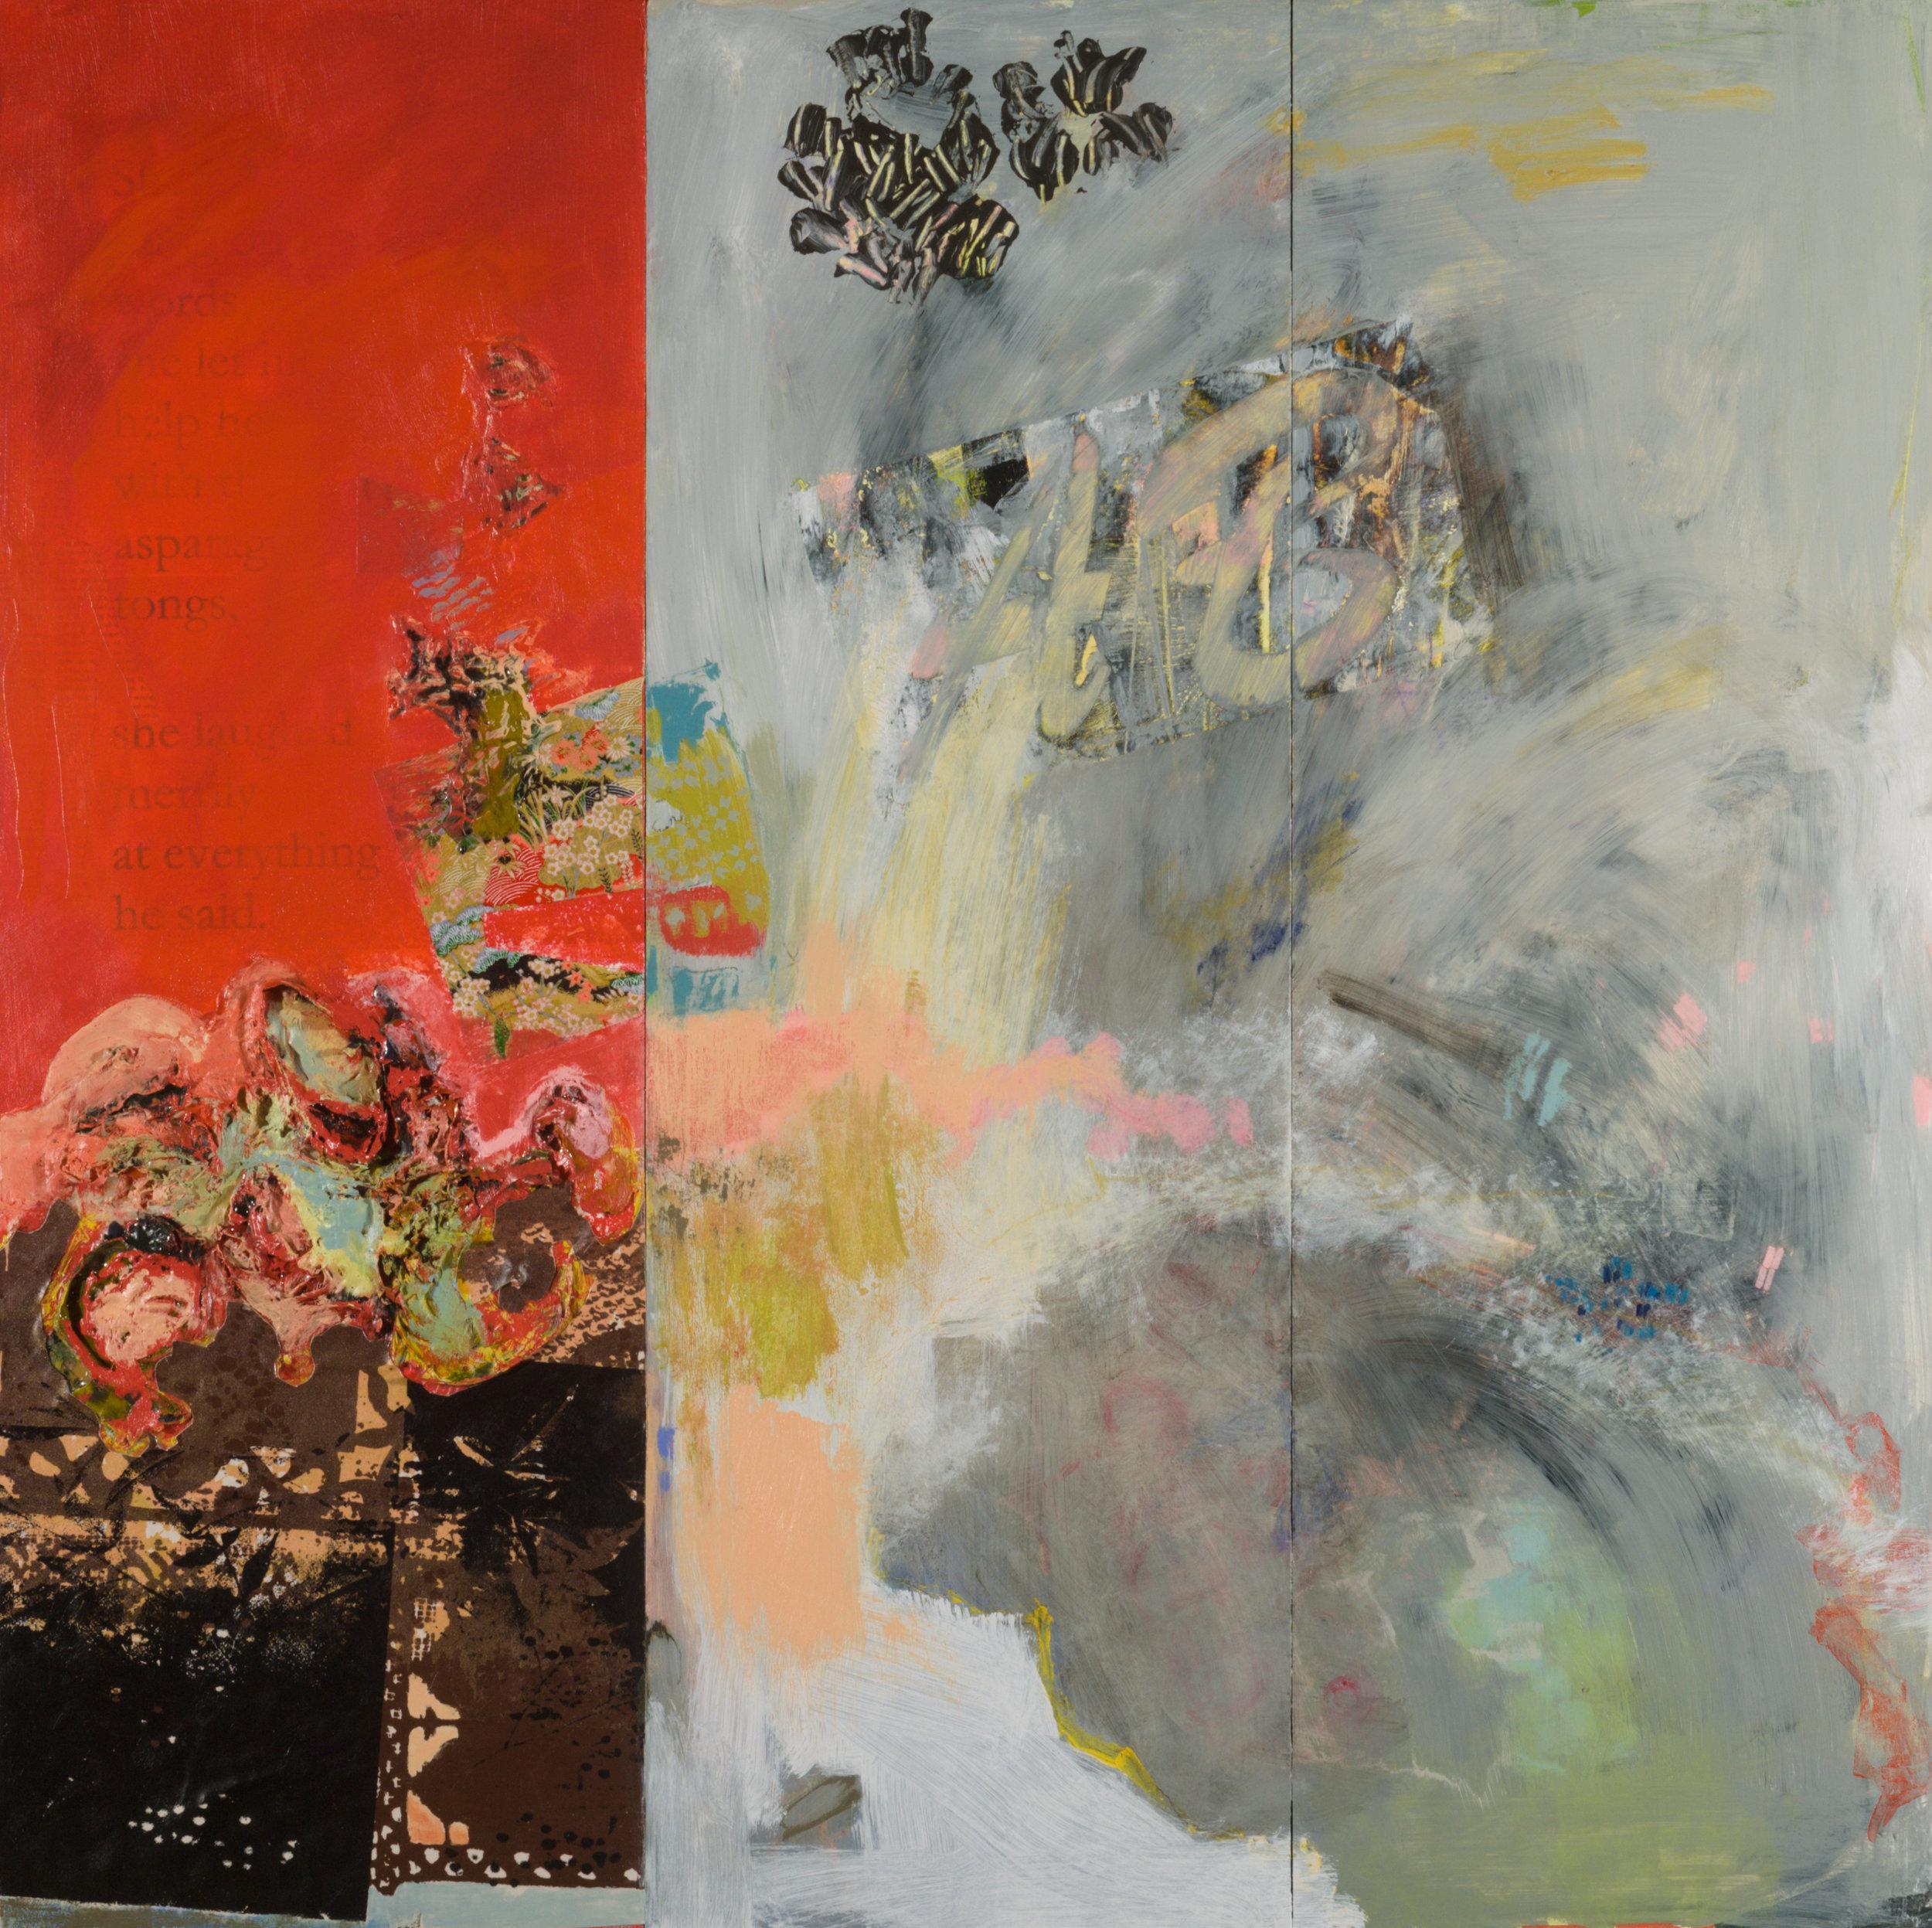 Joan Ranzini, New Asparagus Tongs